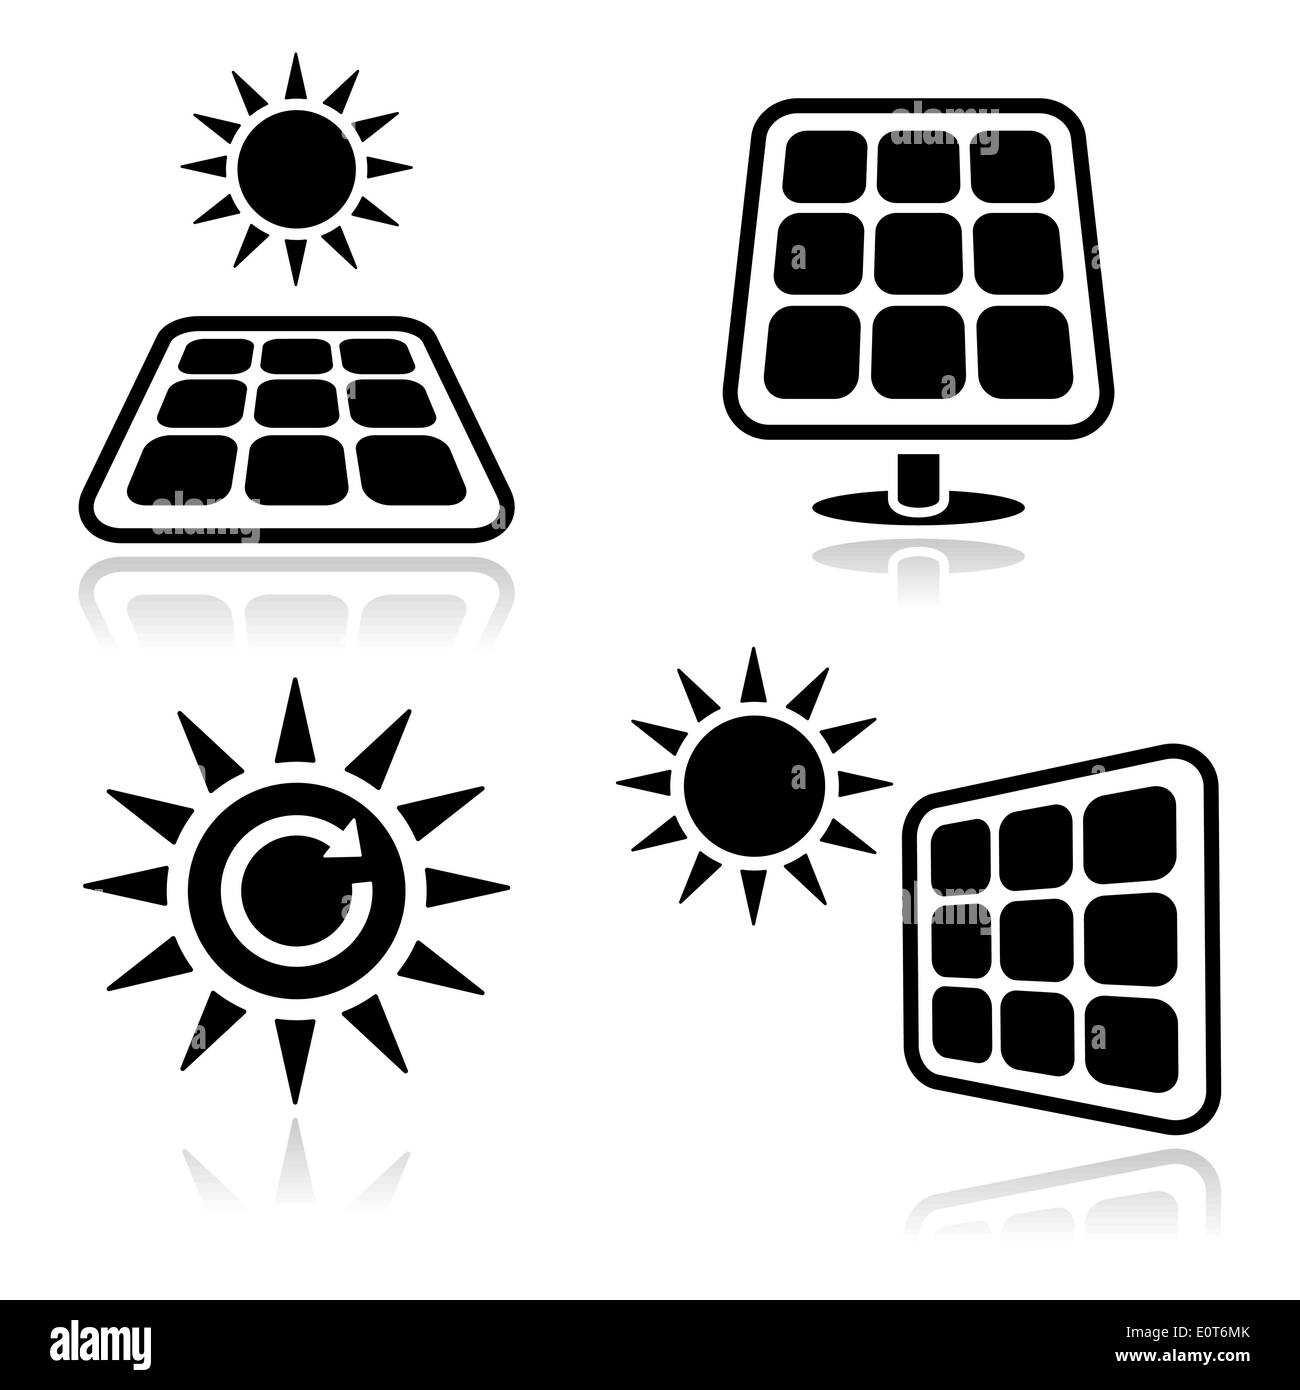 Solar panels icons set - Stock Image